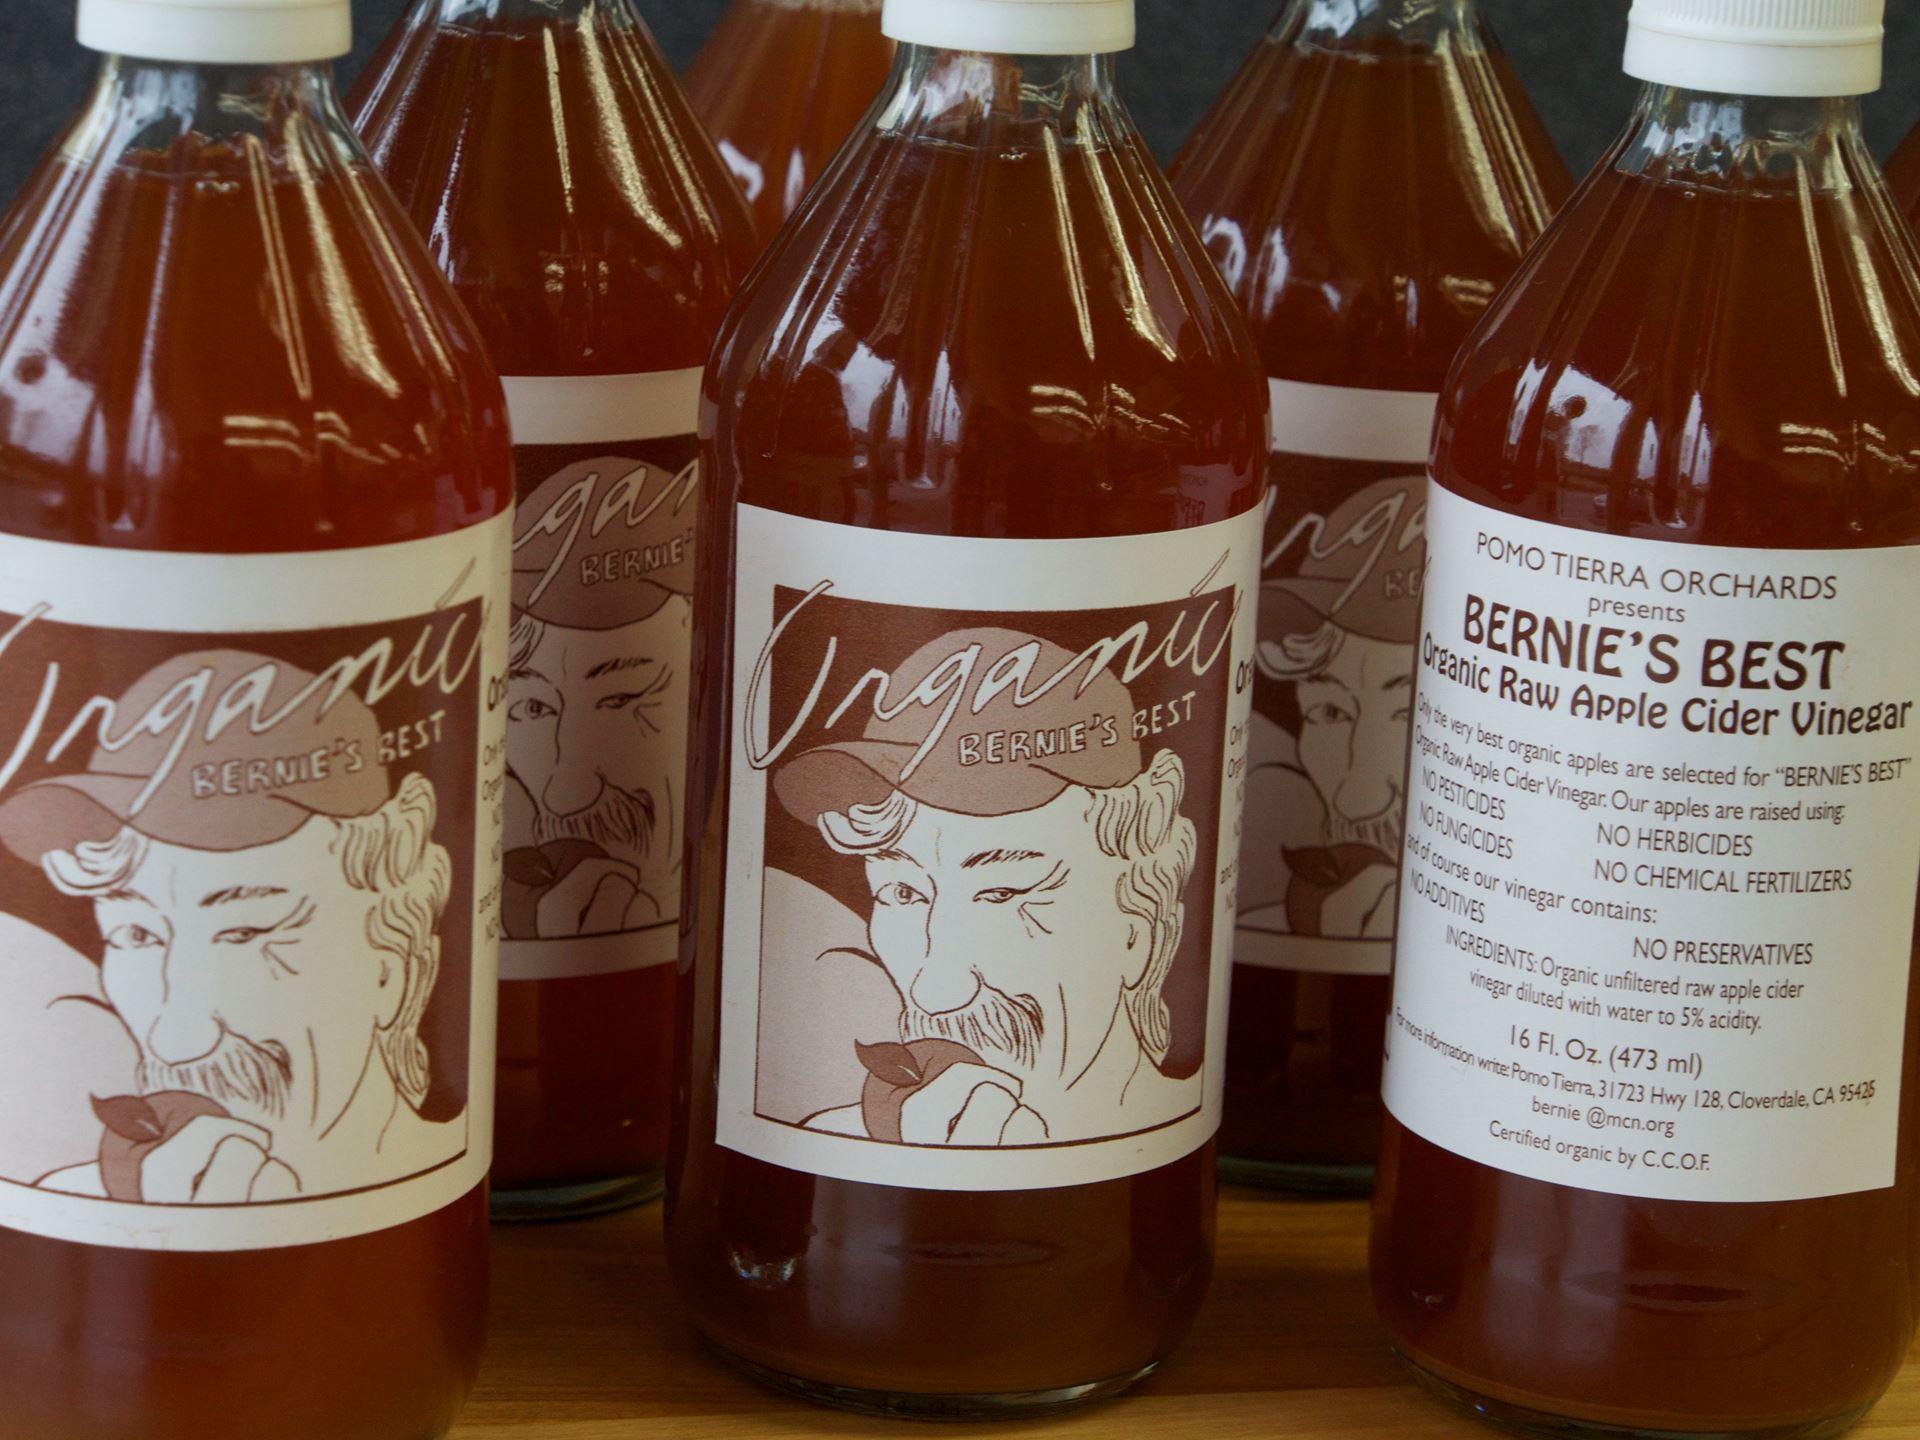 Picture of Bernie's Best Raw Apple Cider Vinegar